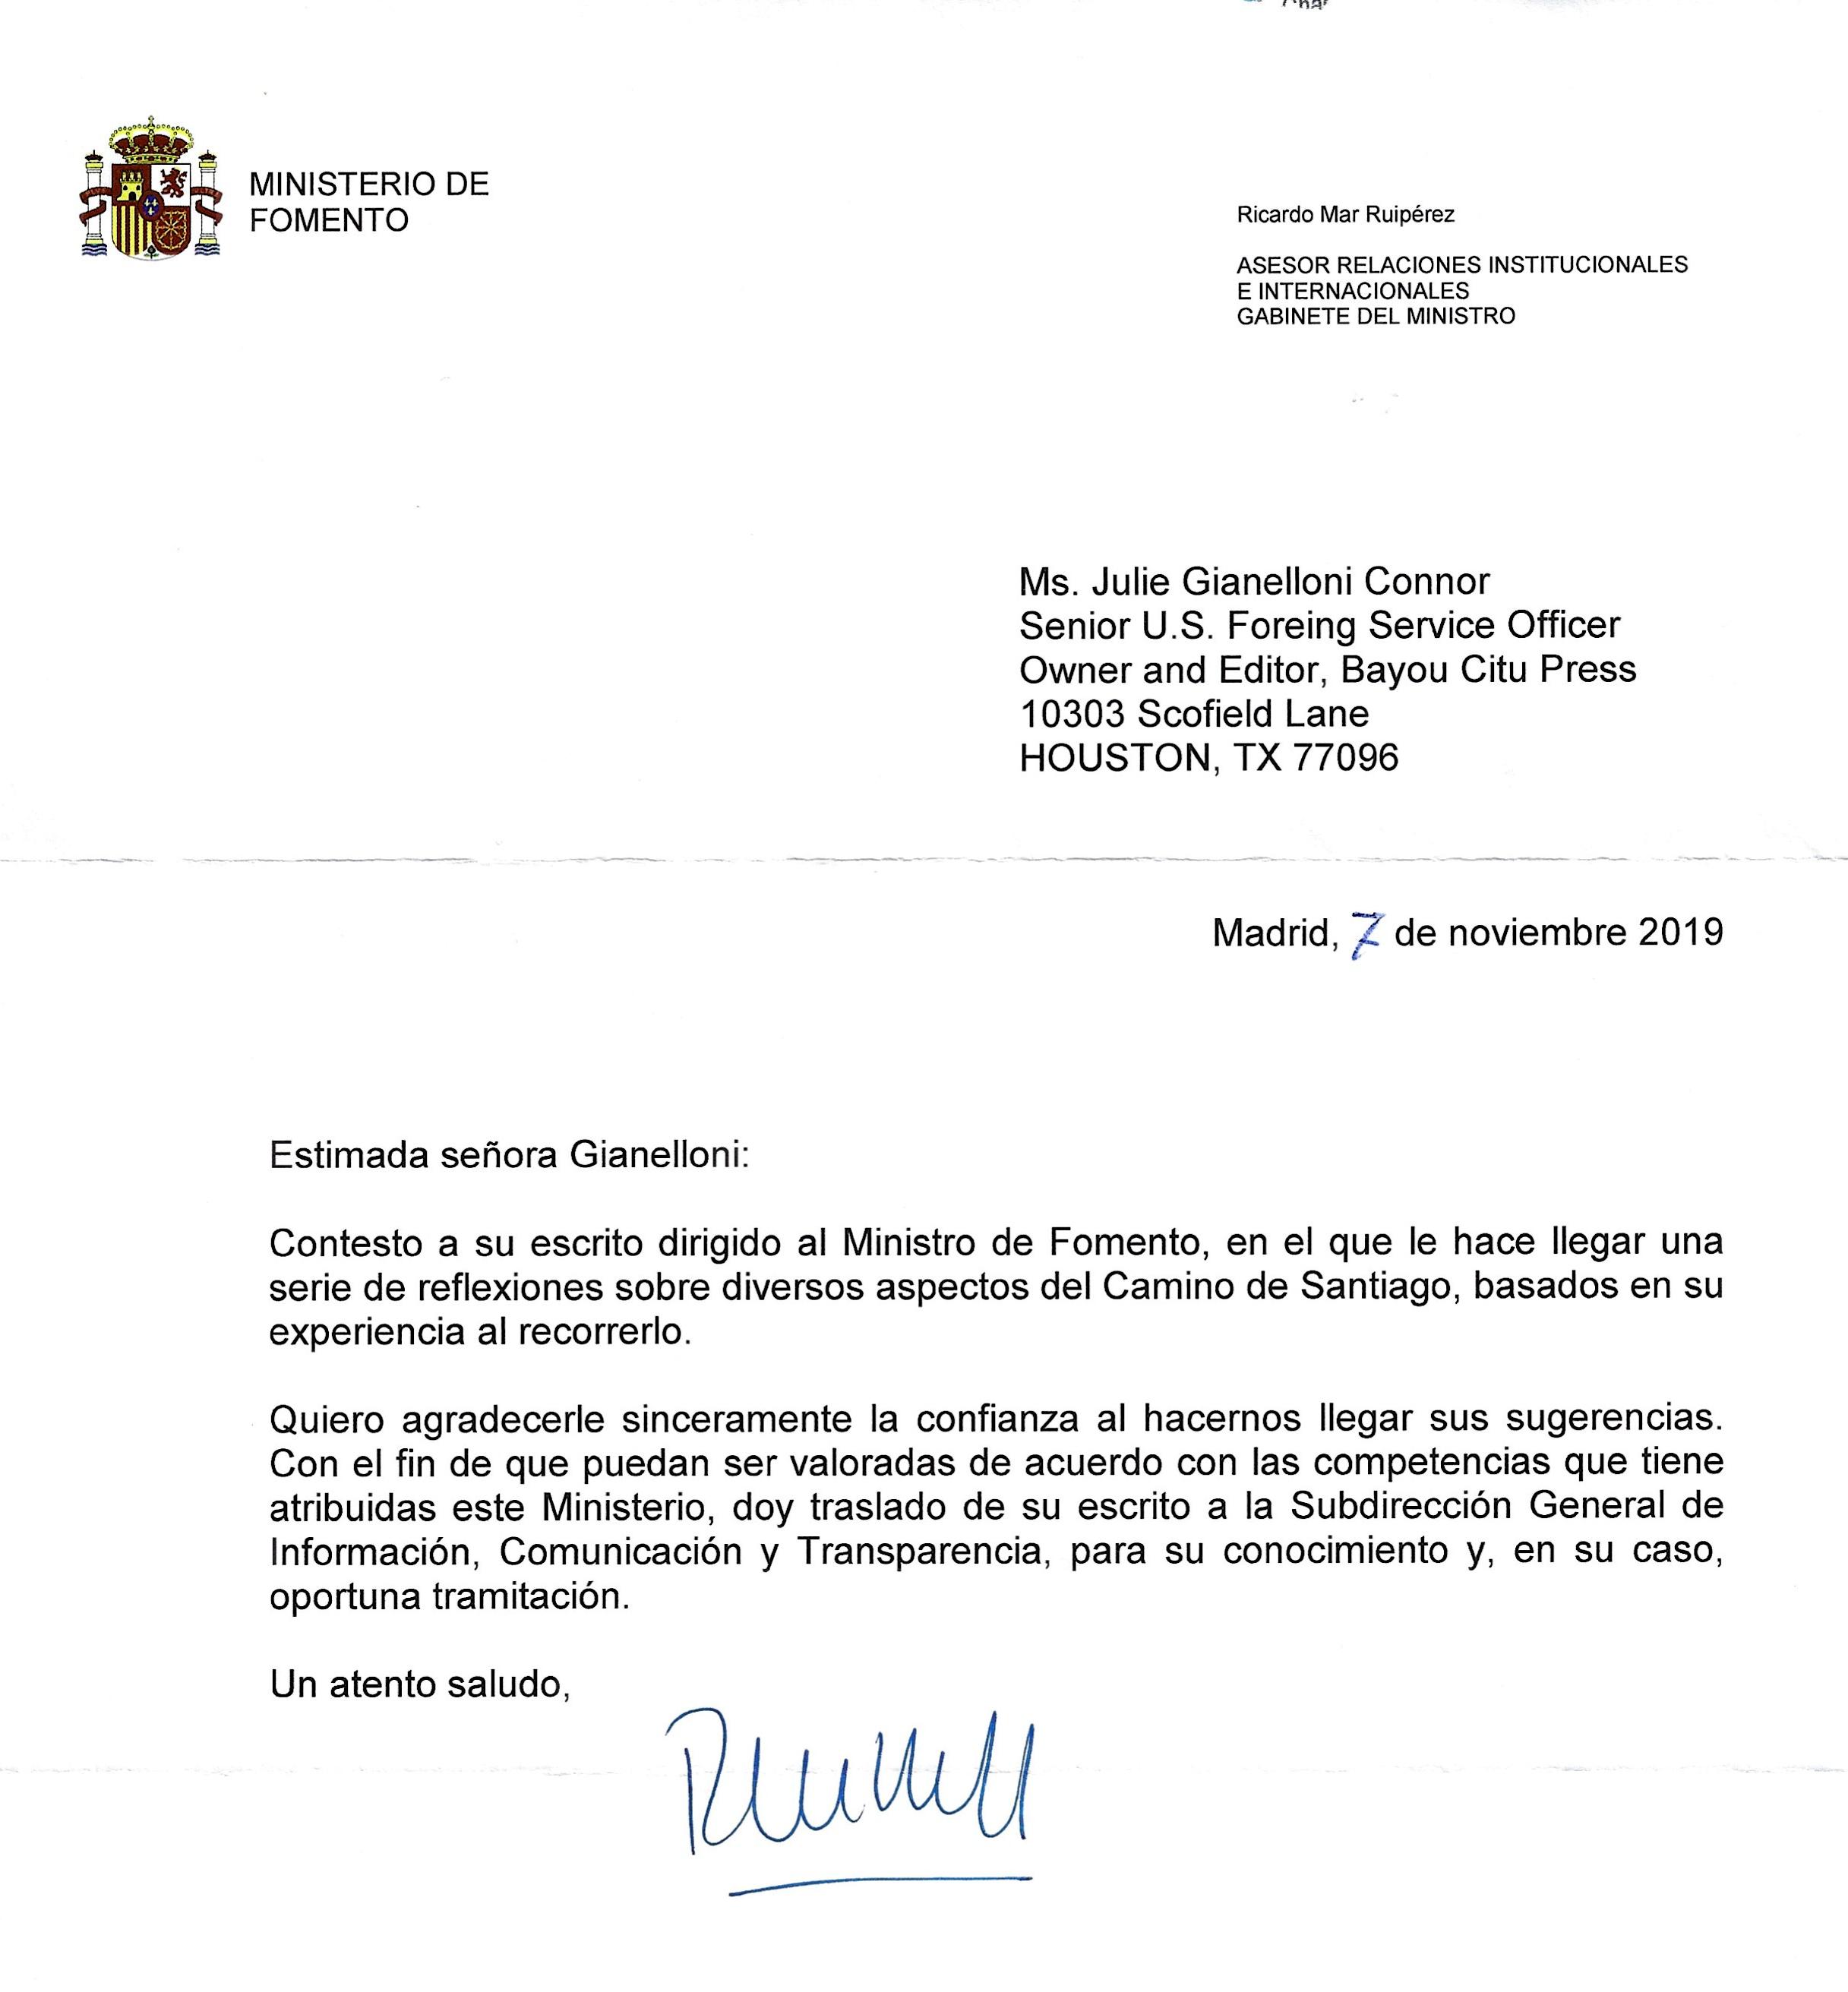 Ministrerio De Fomento Response 11-7-19